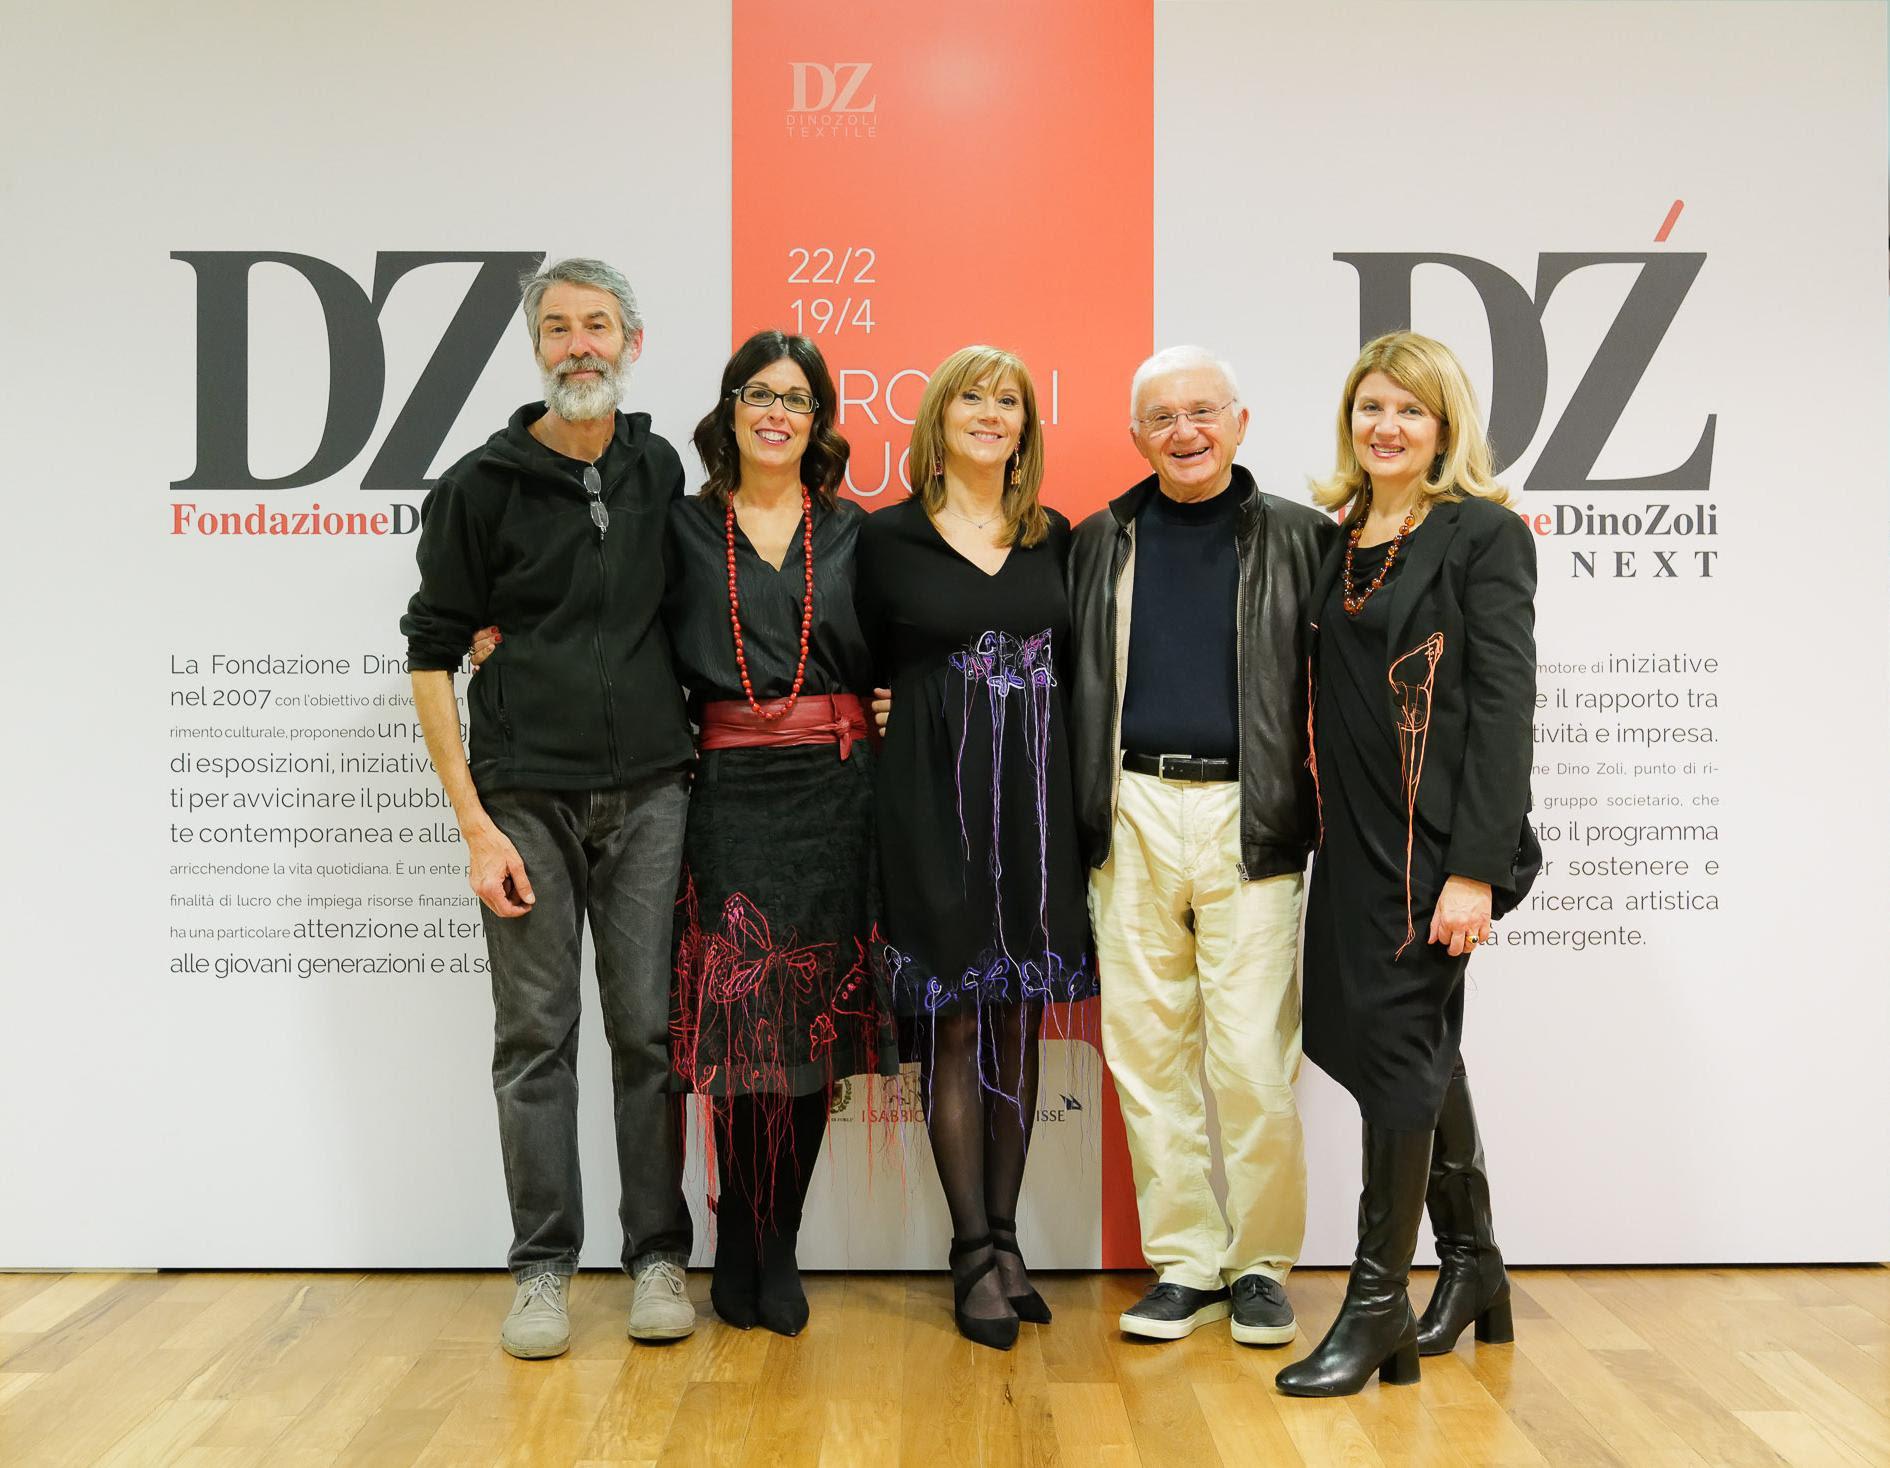 Luigi   Frignani, Nadia Stefanel, Cristina Guardigli, Dino Zoli, Monica Zoli. Ph. Luca Bacciocchi